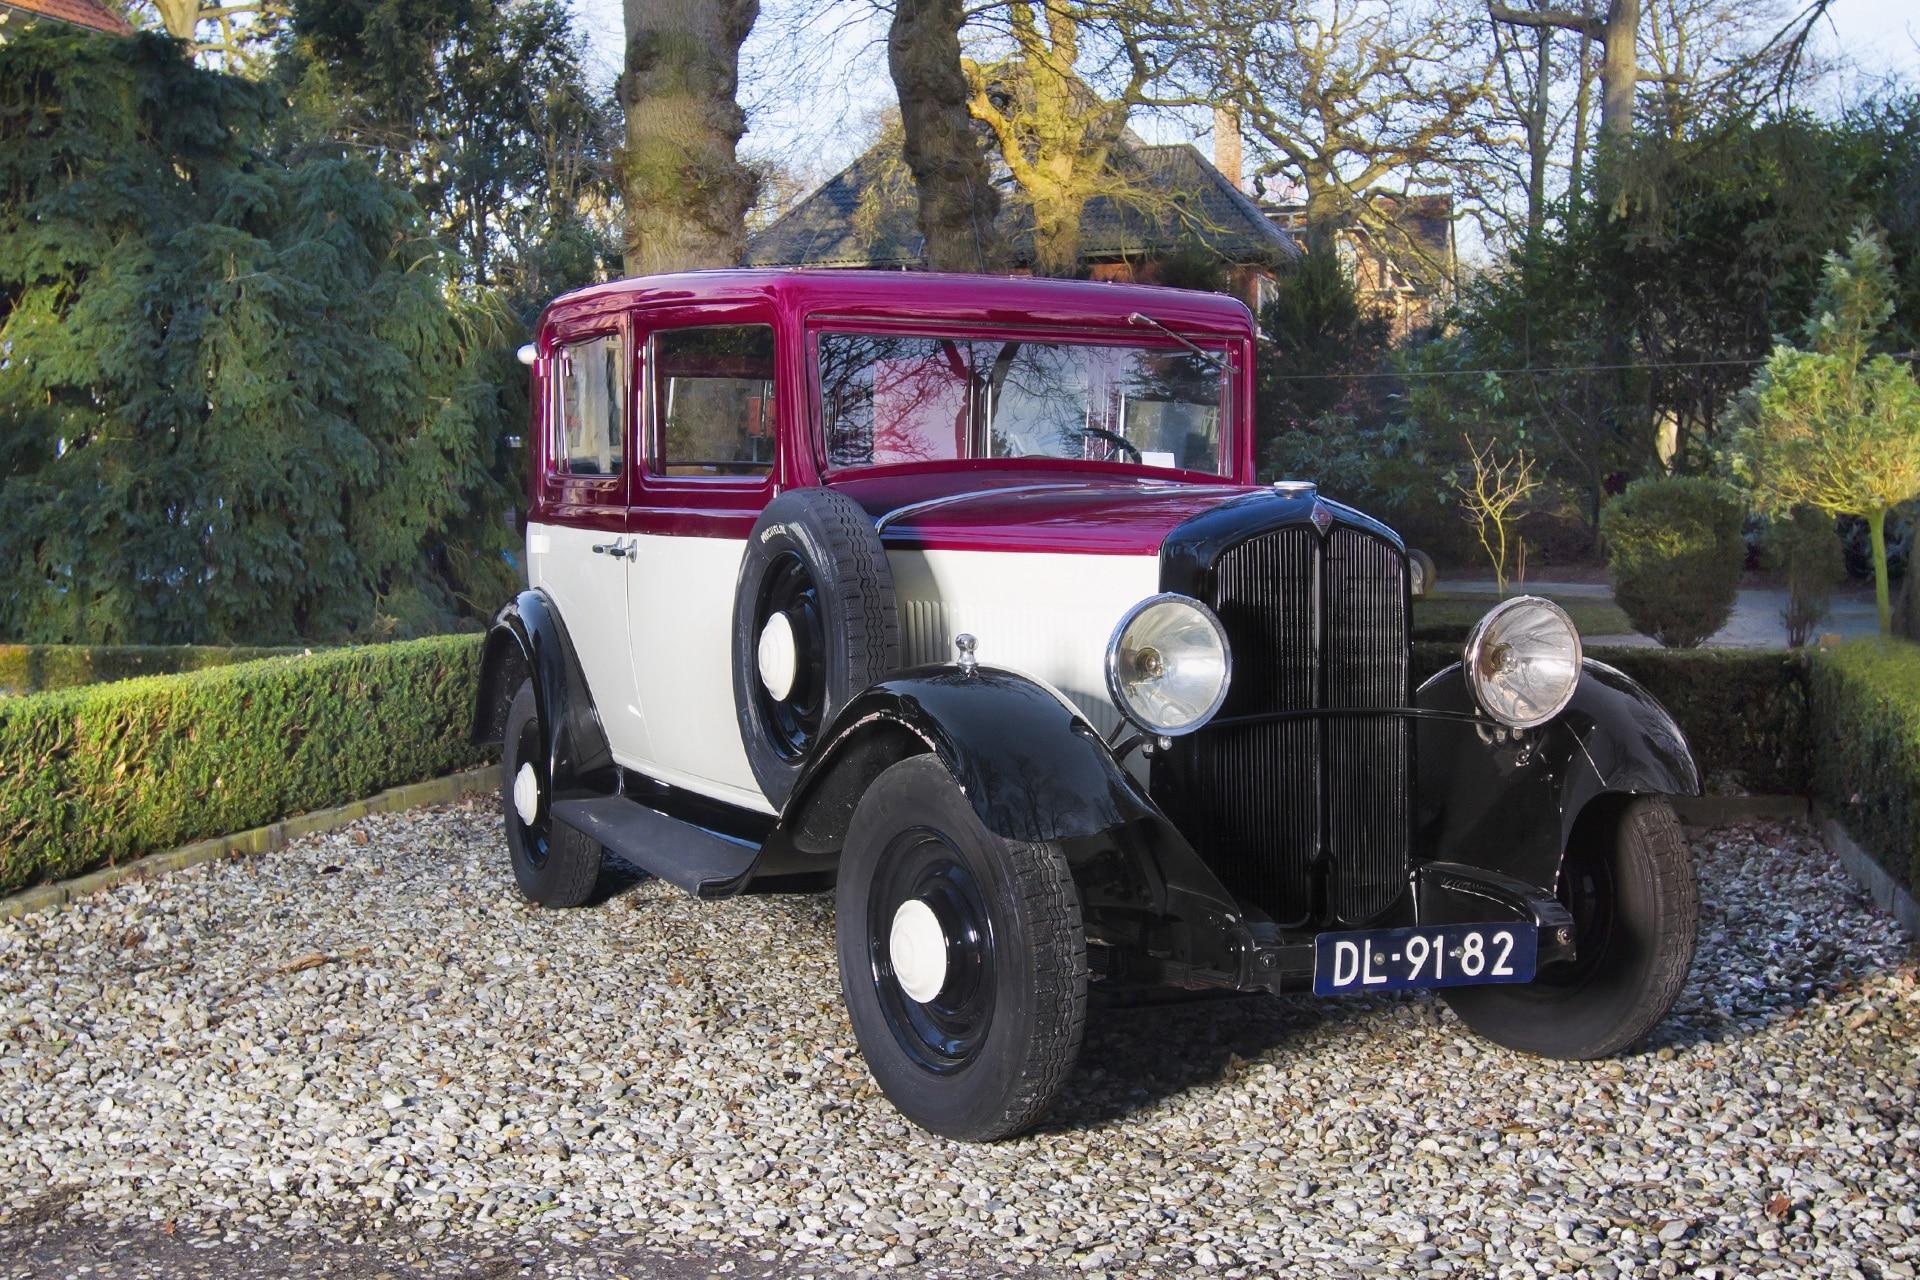 Vintage Renault Mona uit 1932 klaar voor een klassiekerrit